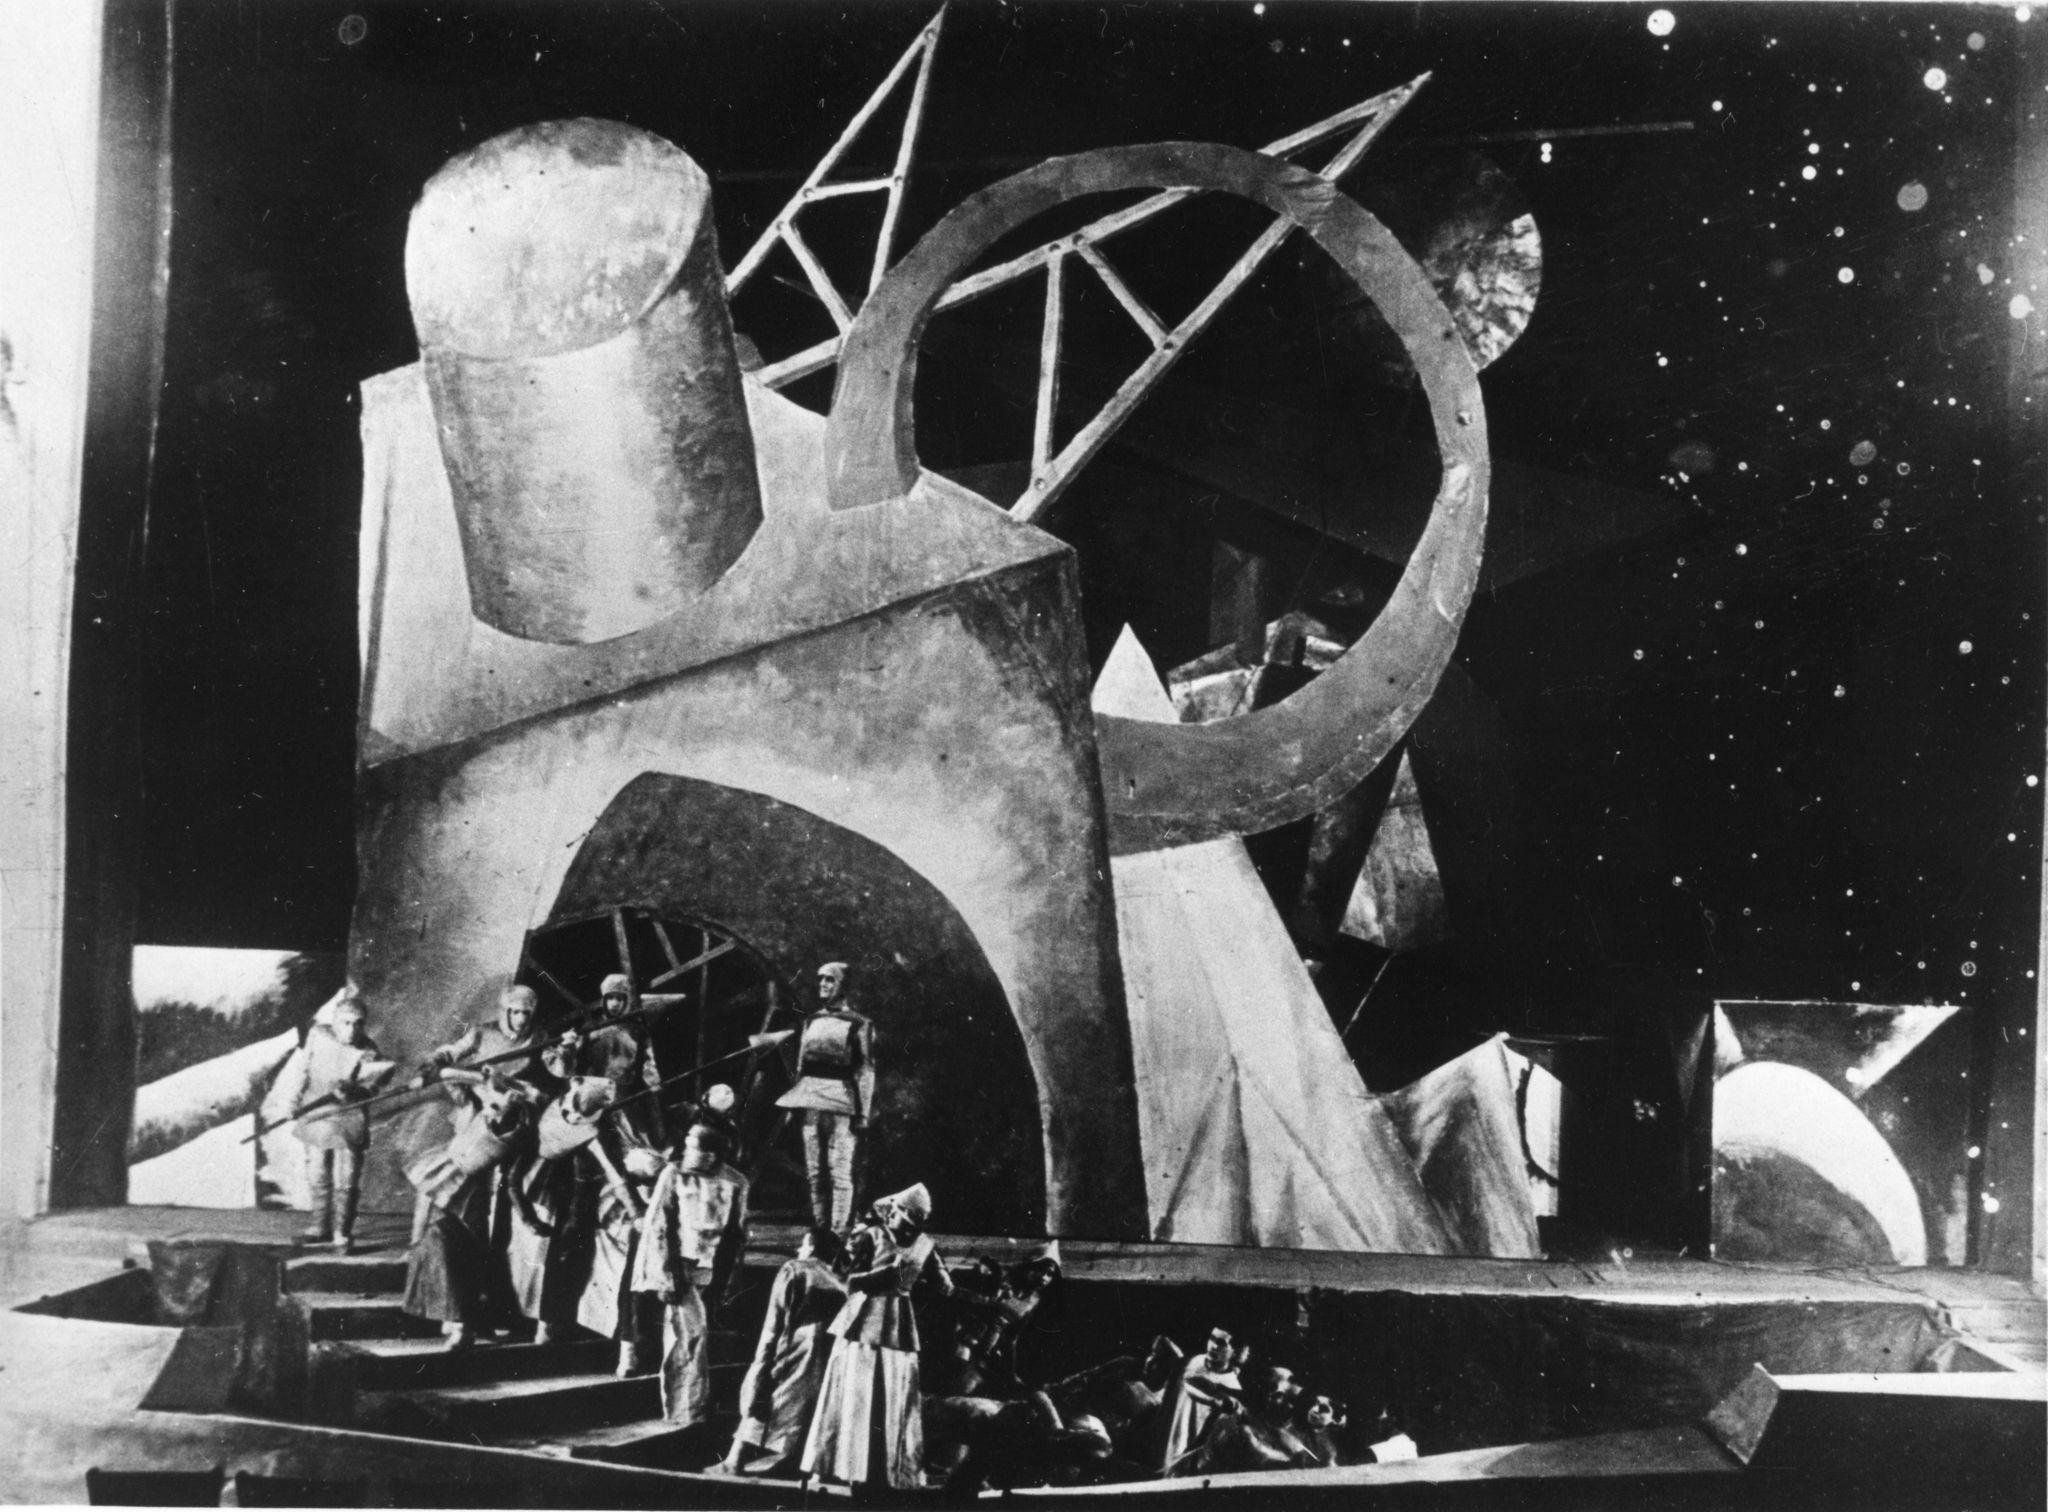 Эмиль Верхарн «Зори» в постановке В. Мейерхольда и Бебутова в Первом театре РСФСР, художественный руководитель В. Дмитриев, премьера 8 ноября